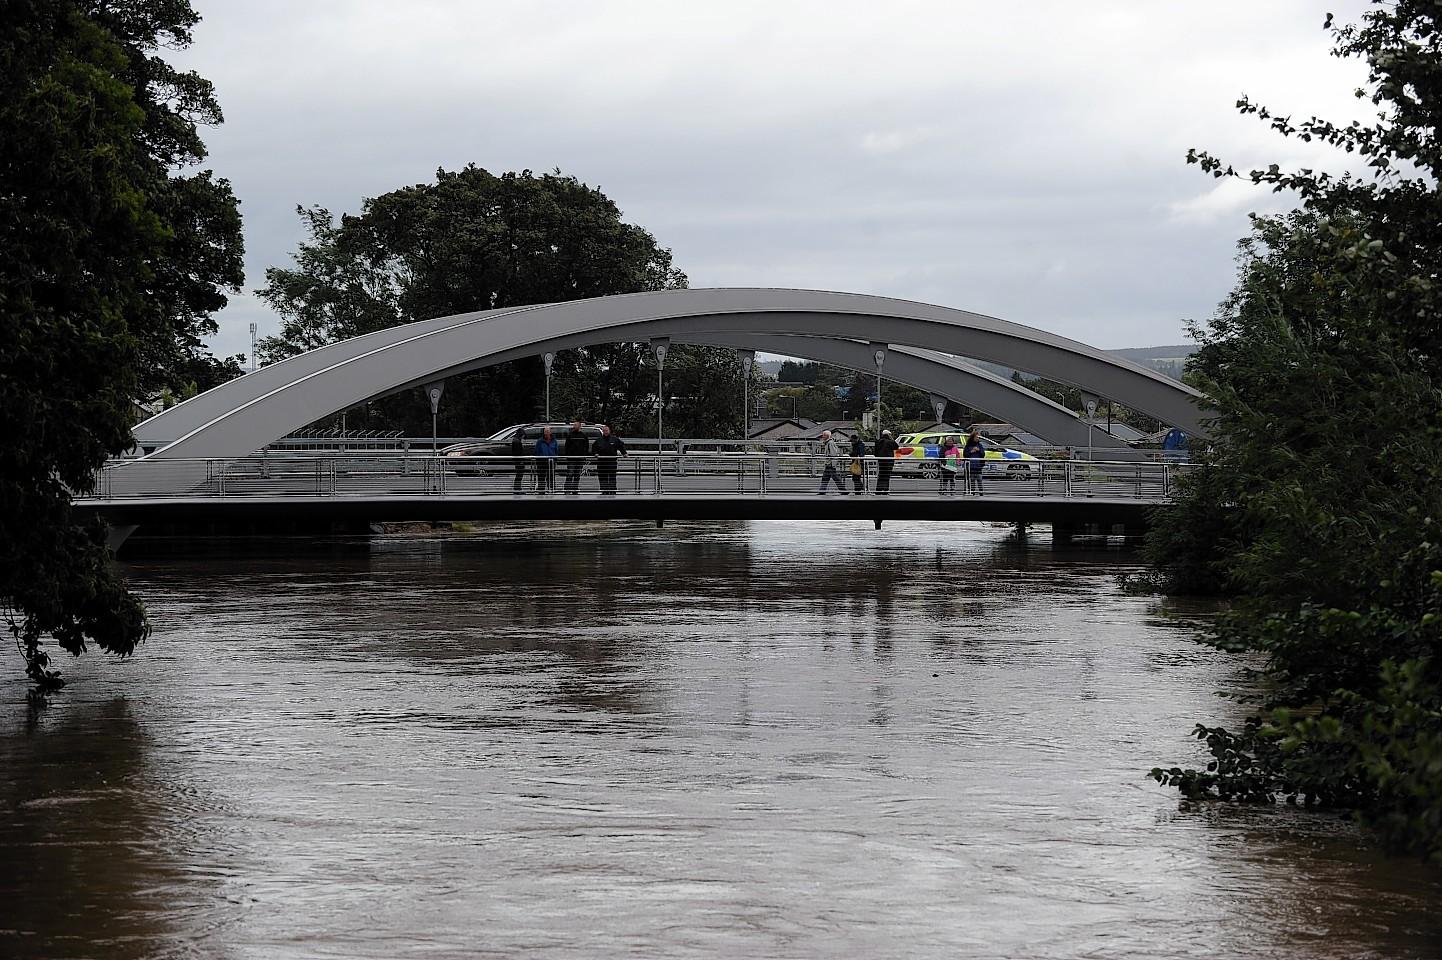 Elgin's Pansport Bridge